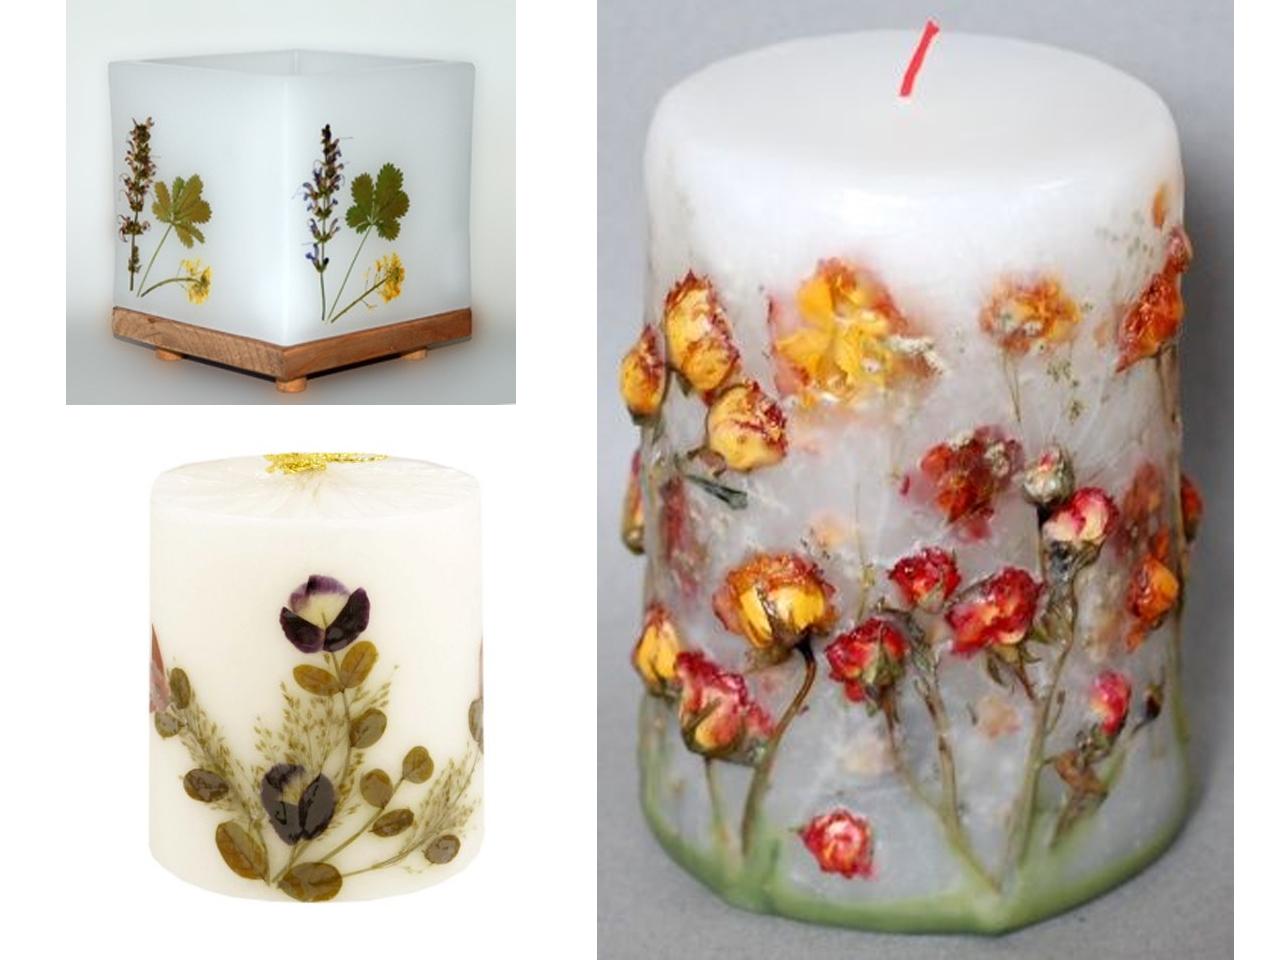 9 ideas de decoraci n con flores secas - Blog de manualidades y decoracion ...